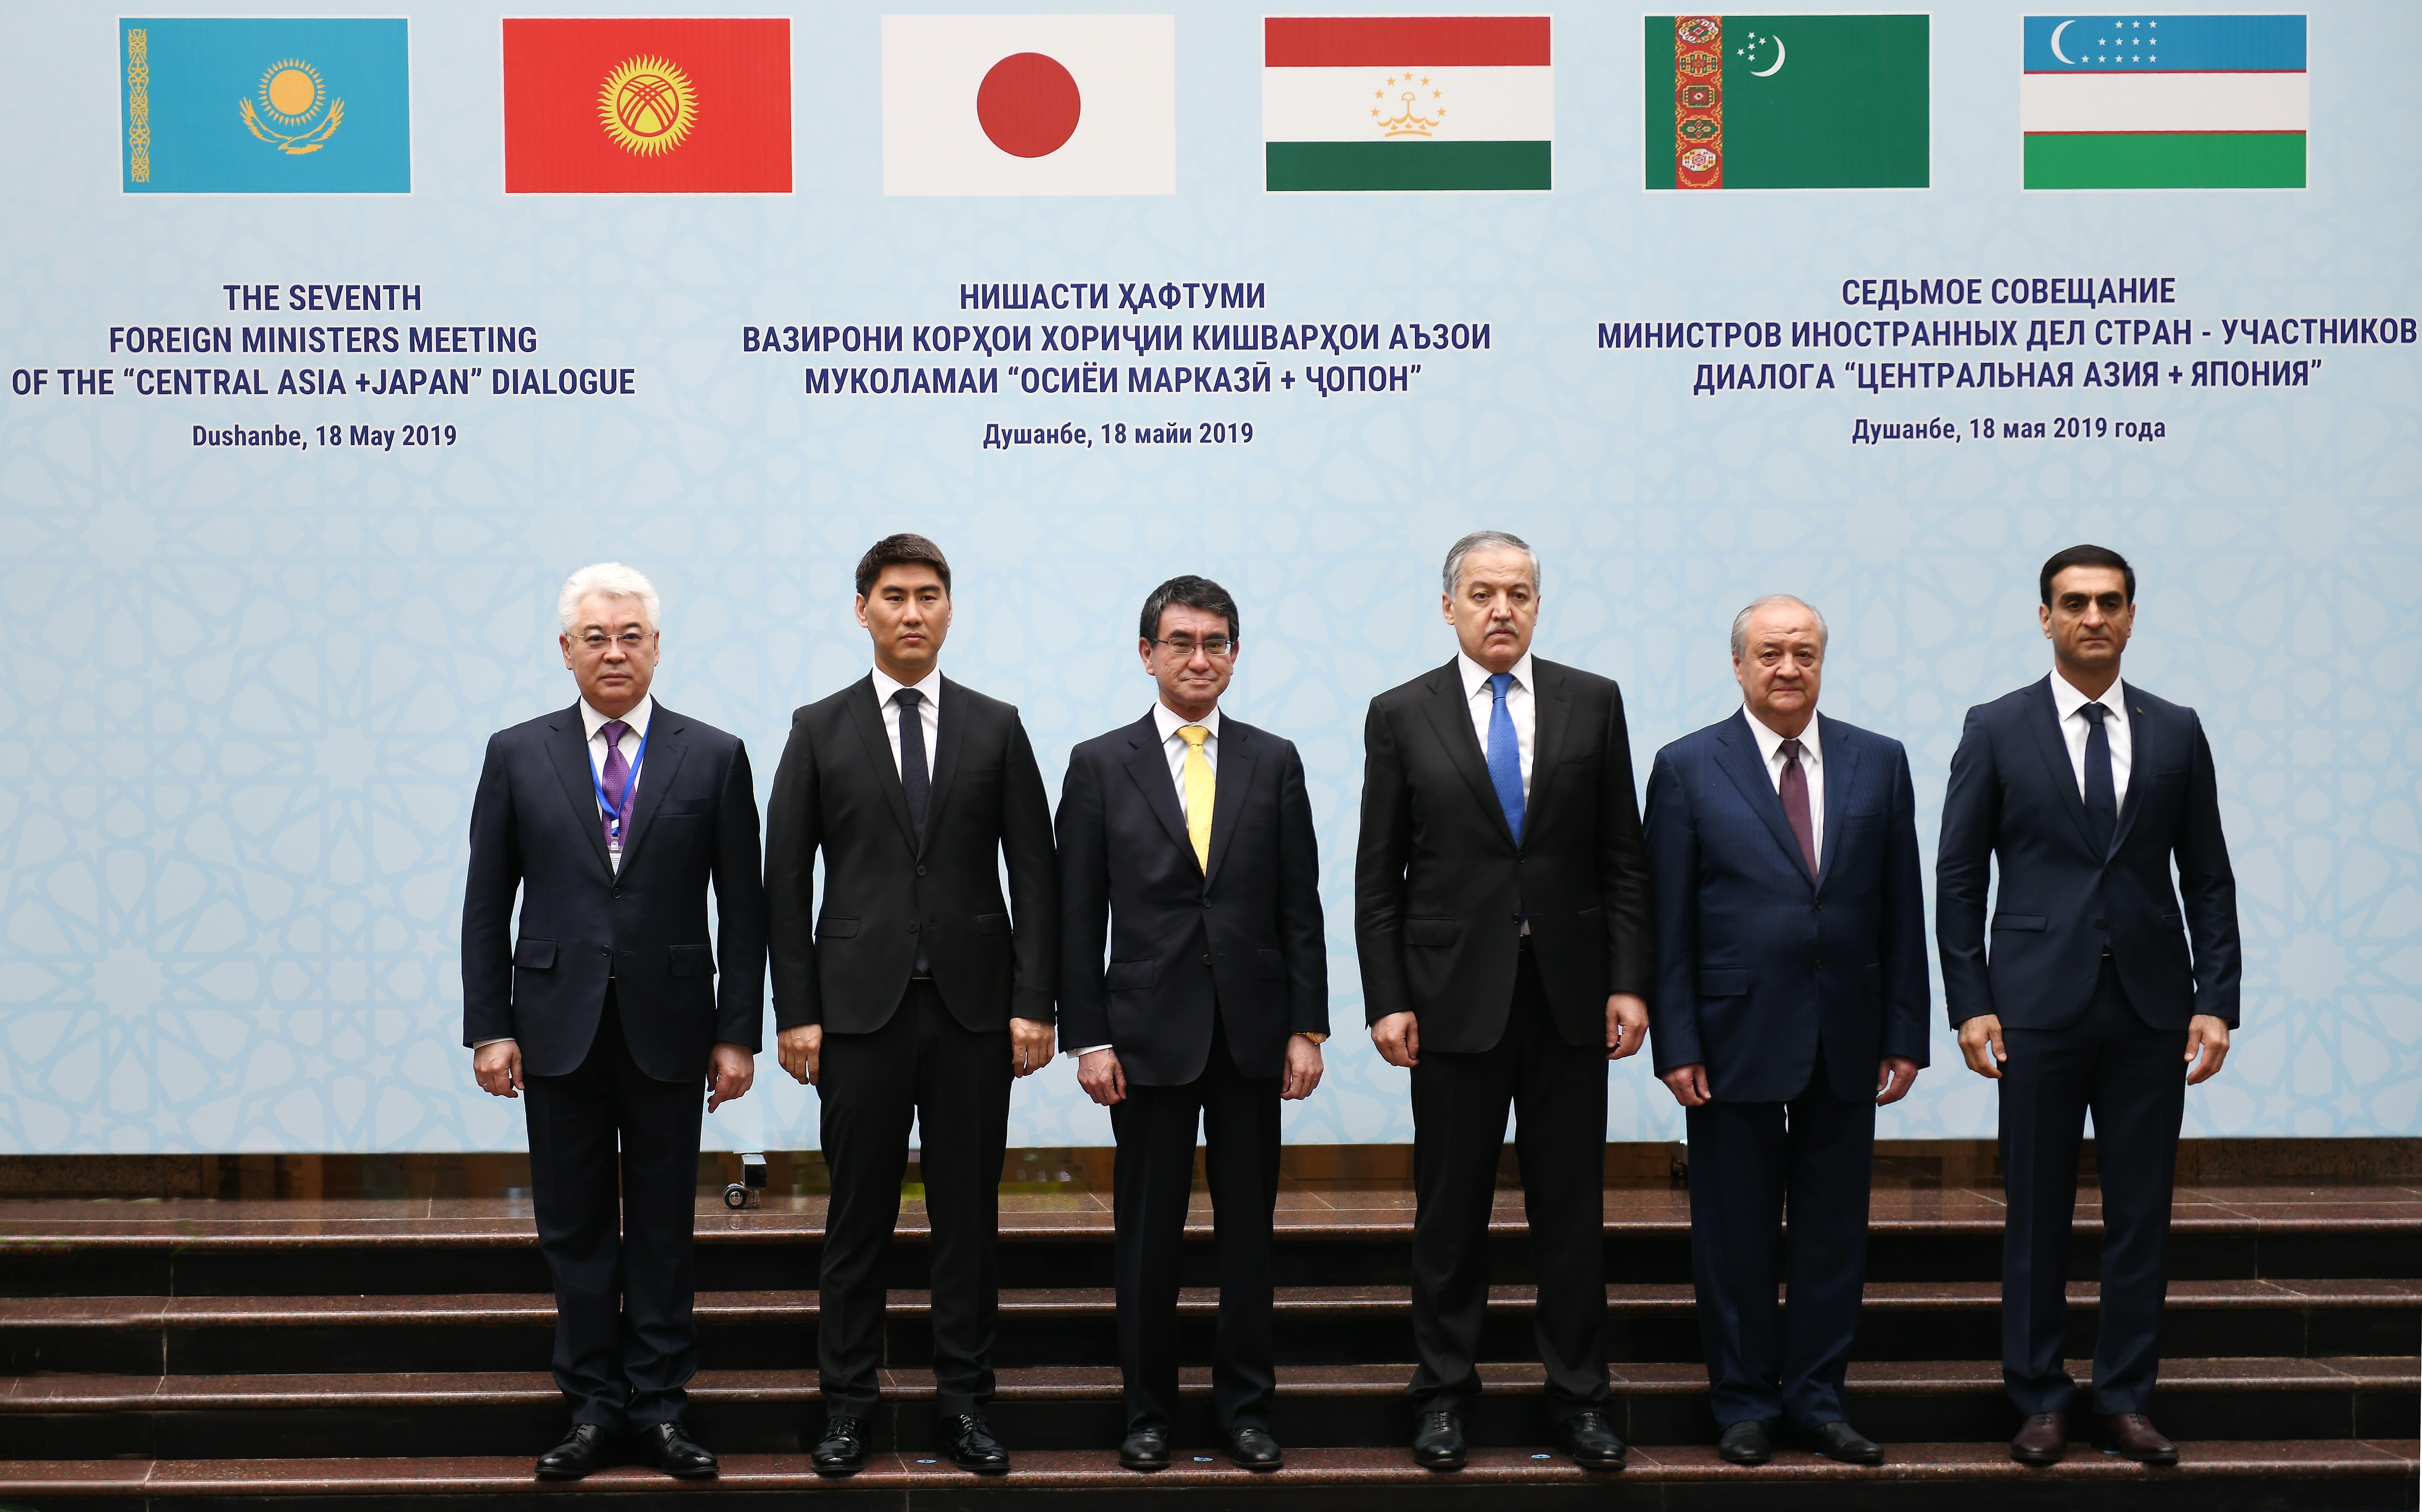 Перспективы сотрудничества стран Центральной Азии с Японией обсудили в Душанбе